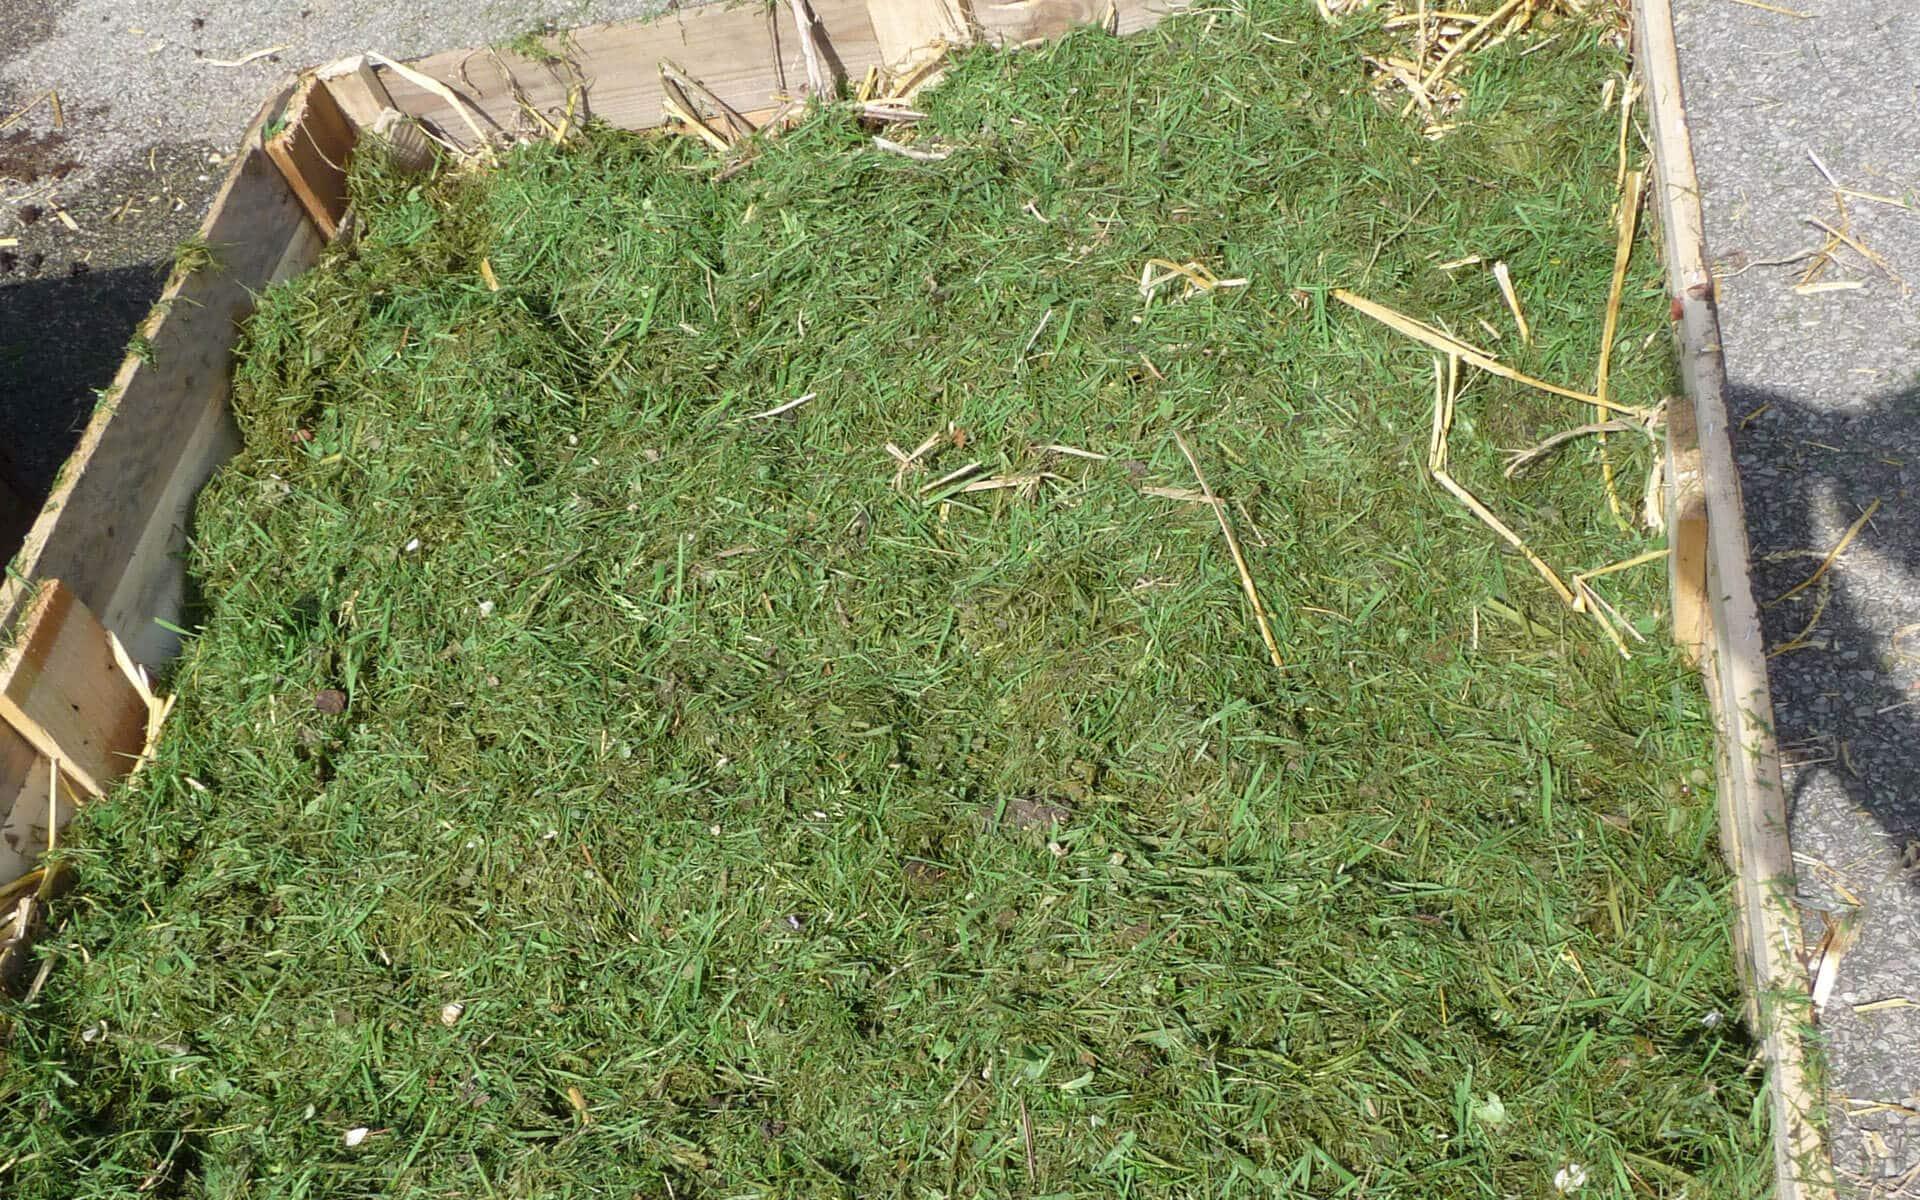 « Les tontes de gazon sont certainement le paillage le plus facile a utiliser pour le jardinier. Elles se mettent en couche fine lorsqu'elles sont fraîches, en litière plus épaisses lorsqu'elles sont sèches. »